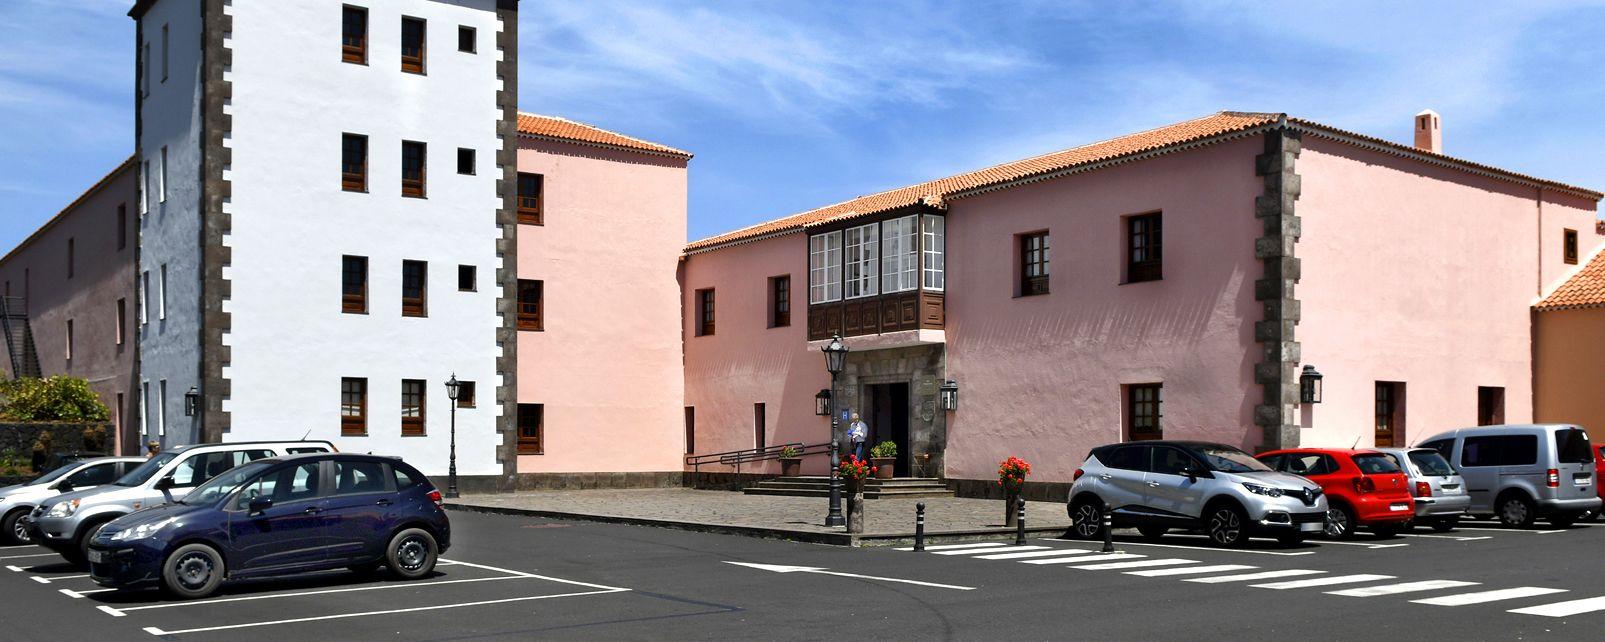 Hôtel Paradores La Palma